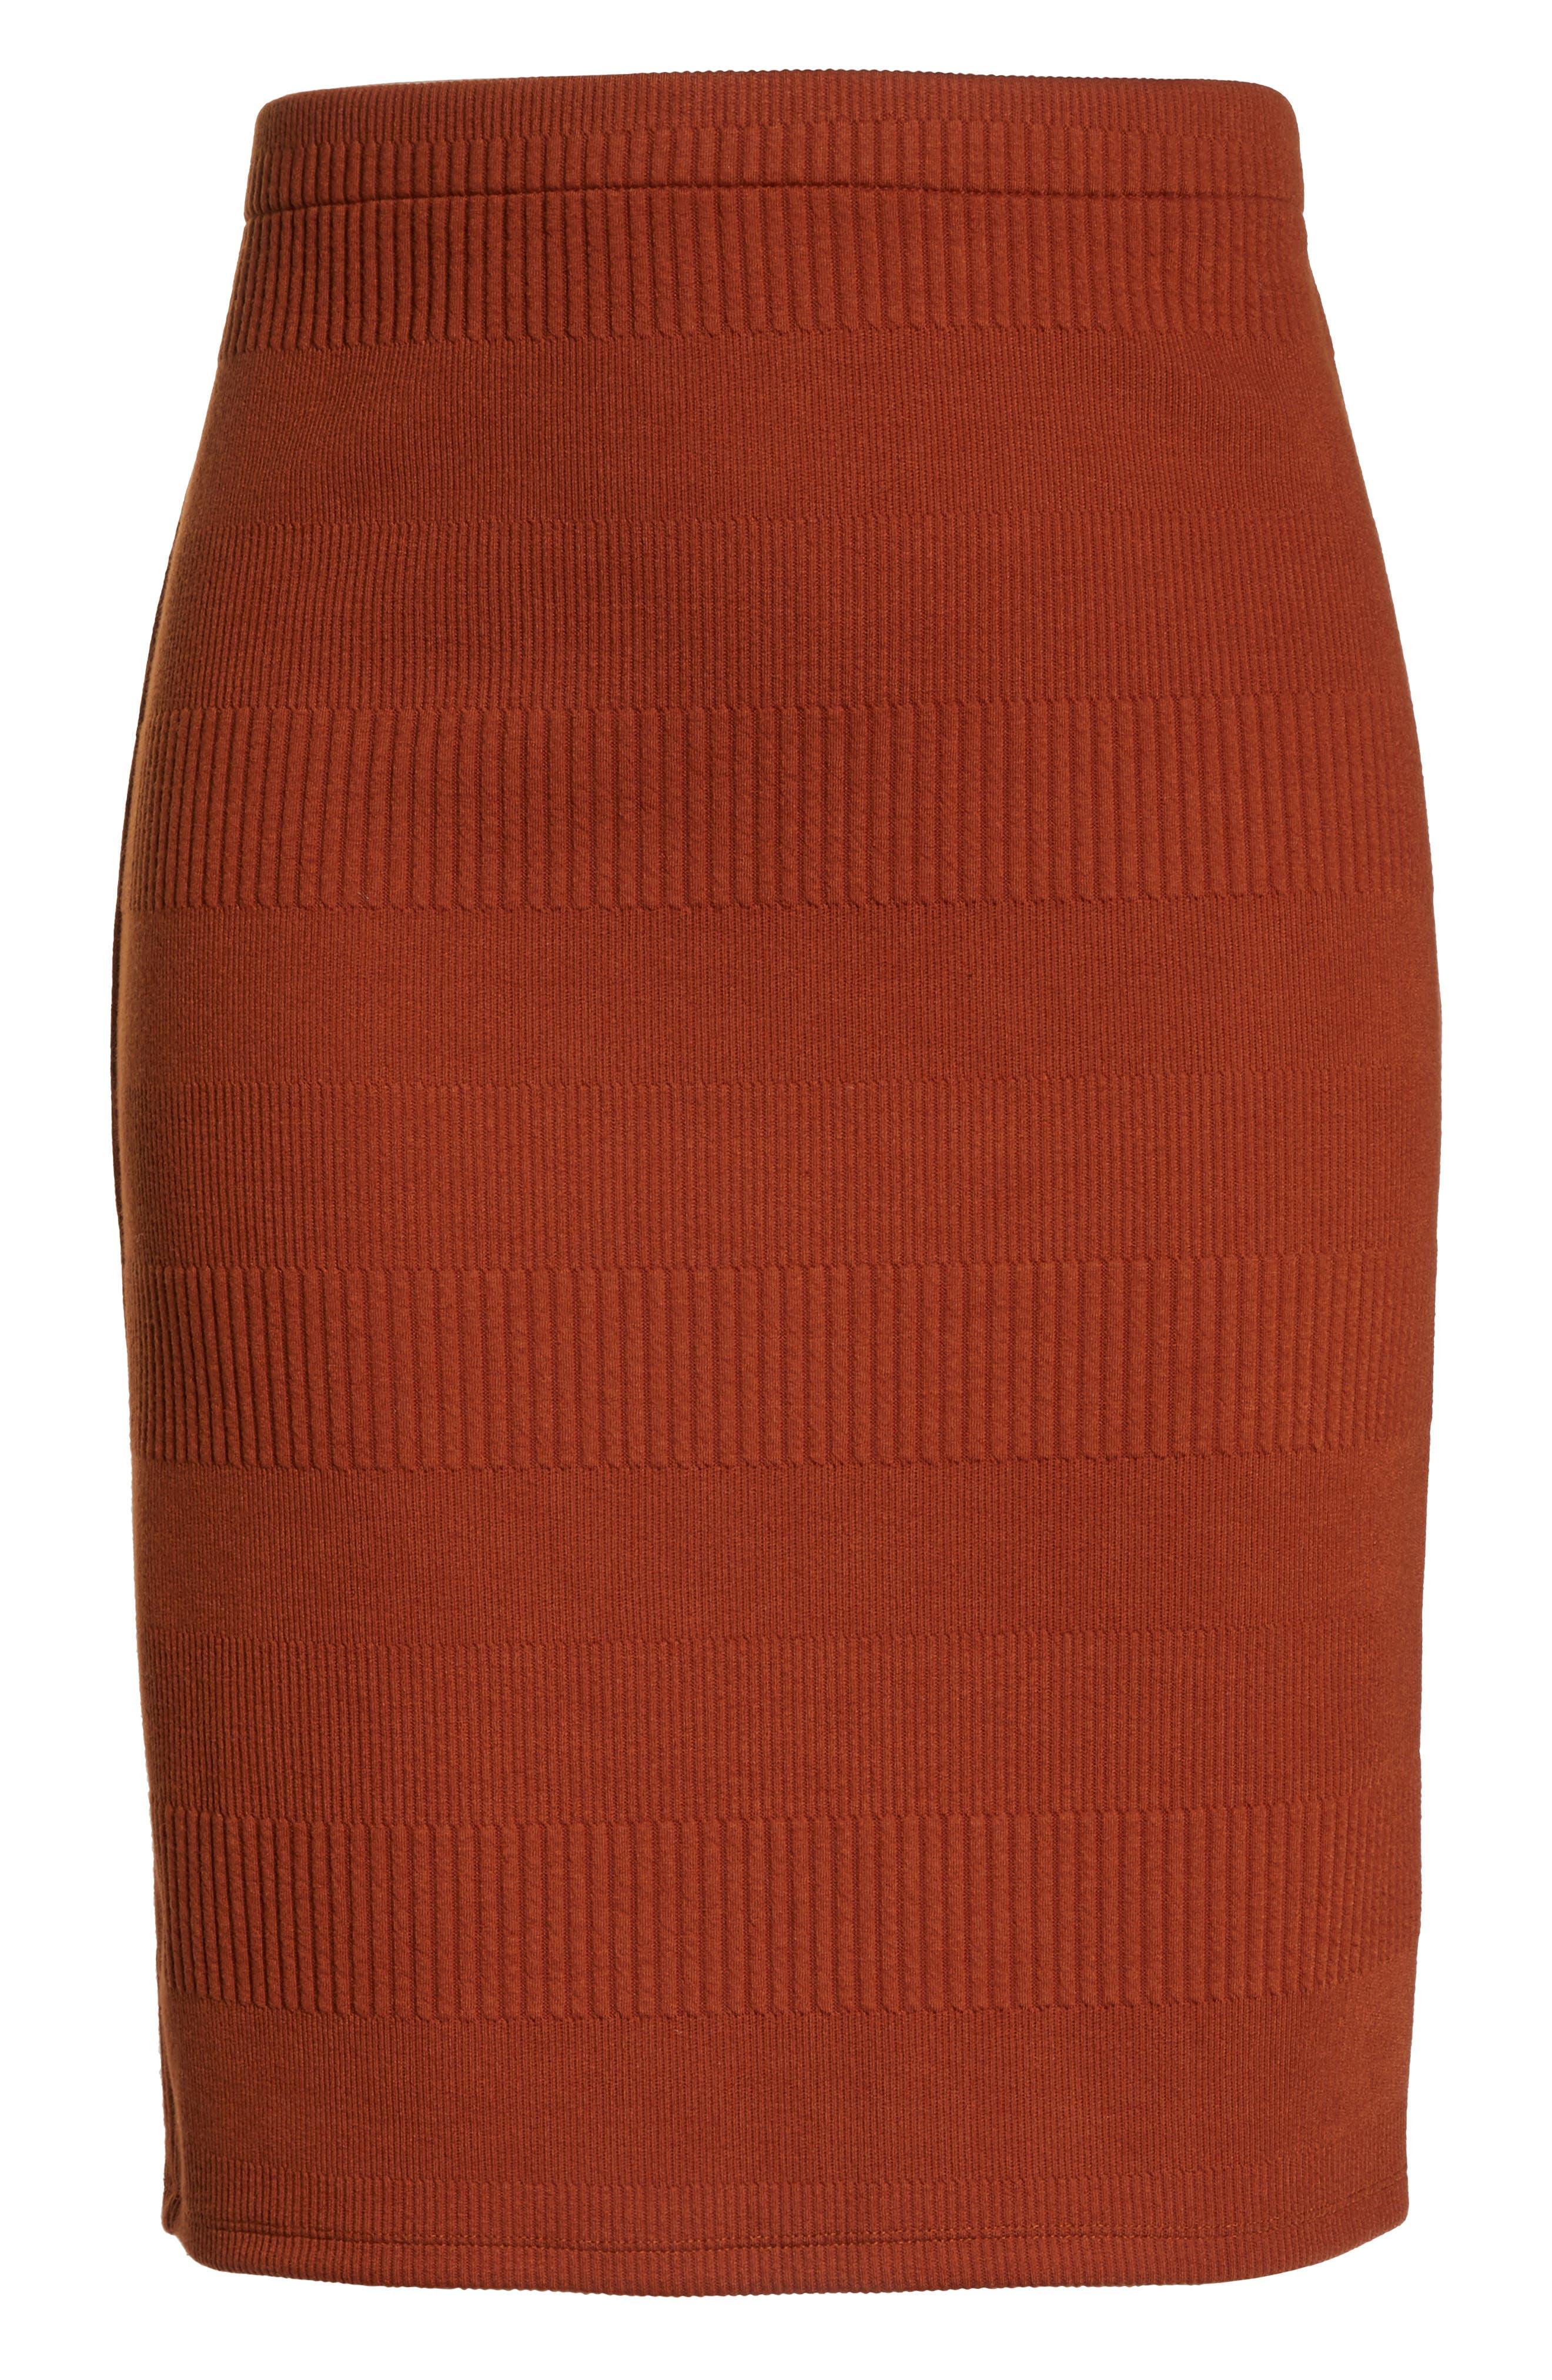 Midi Pencil Skirt,                             Alternate thumbnail 6, color,                             210